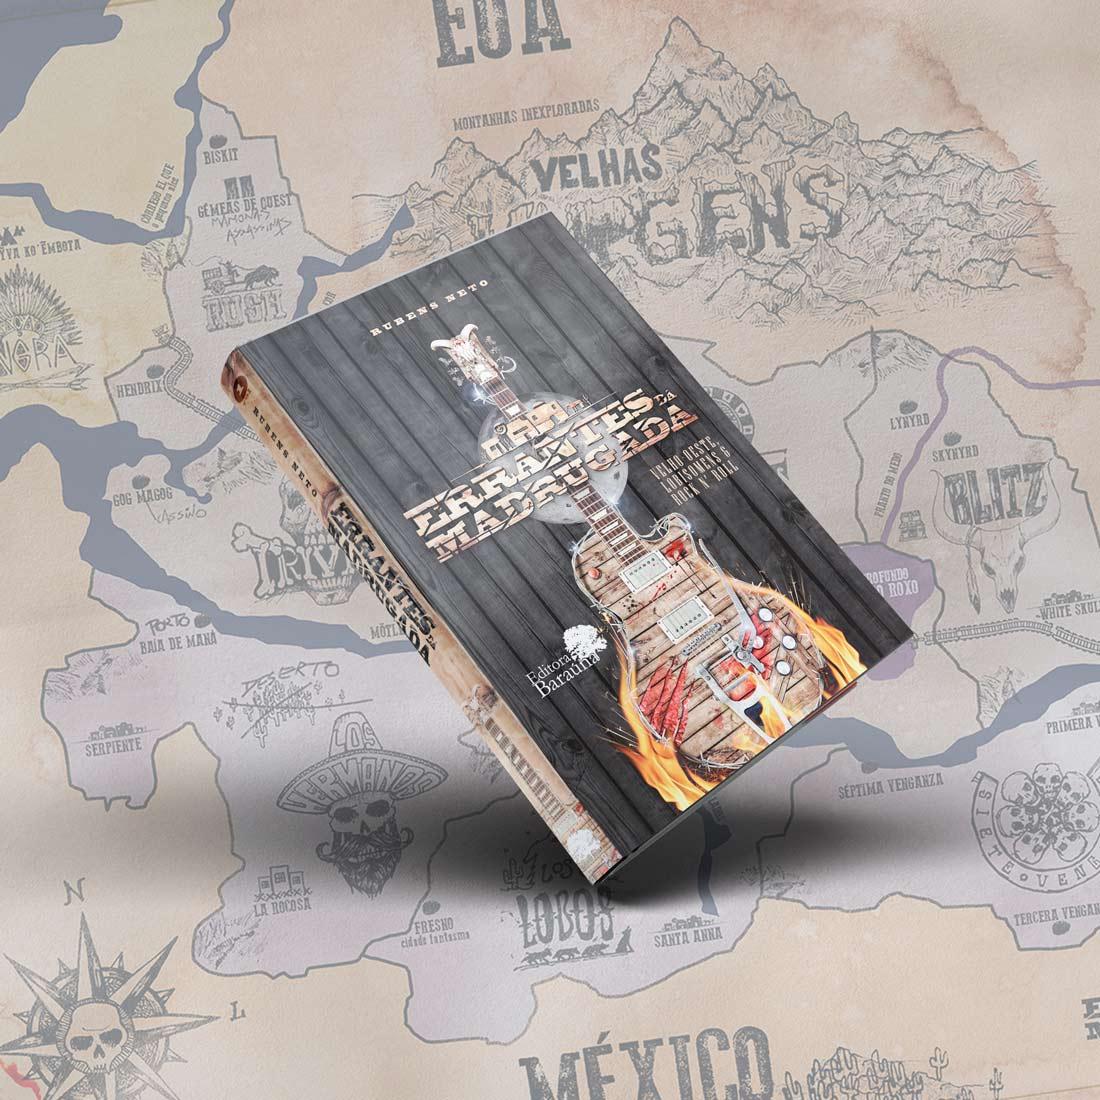 Livro: Errantes da Madrugada